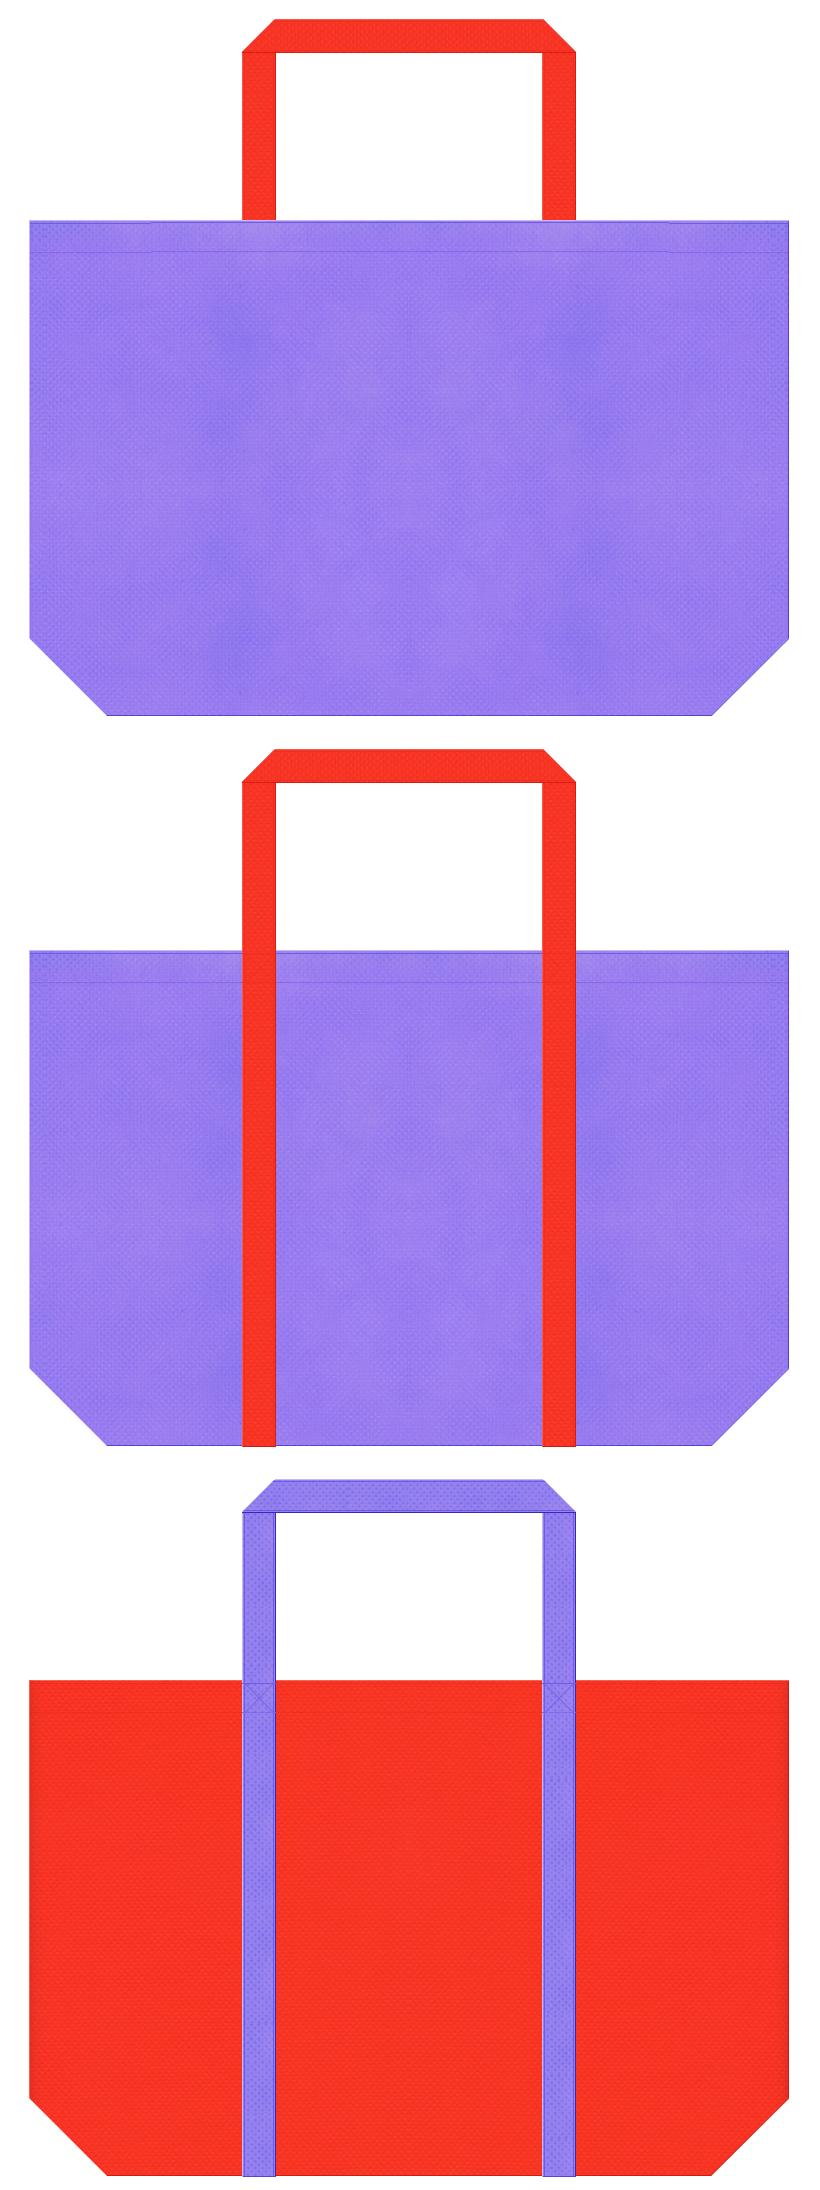 薄紫色とオレンジ色の不織布ショッピングバッグデザイン。